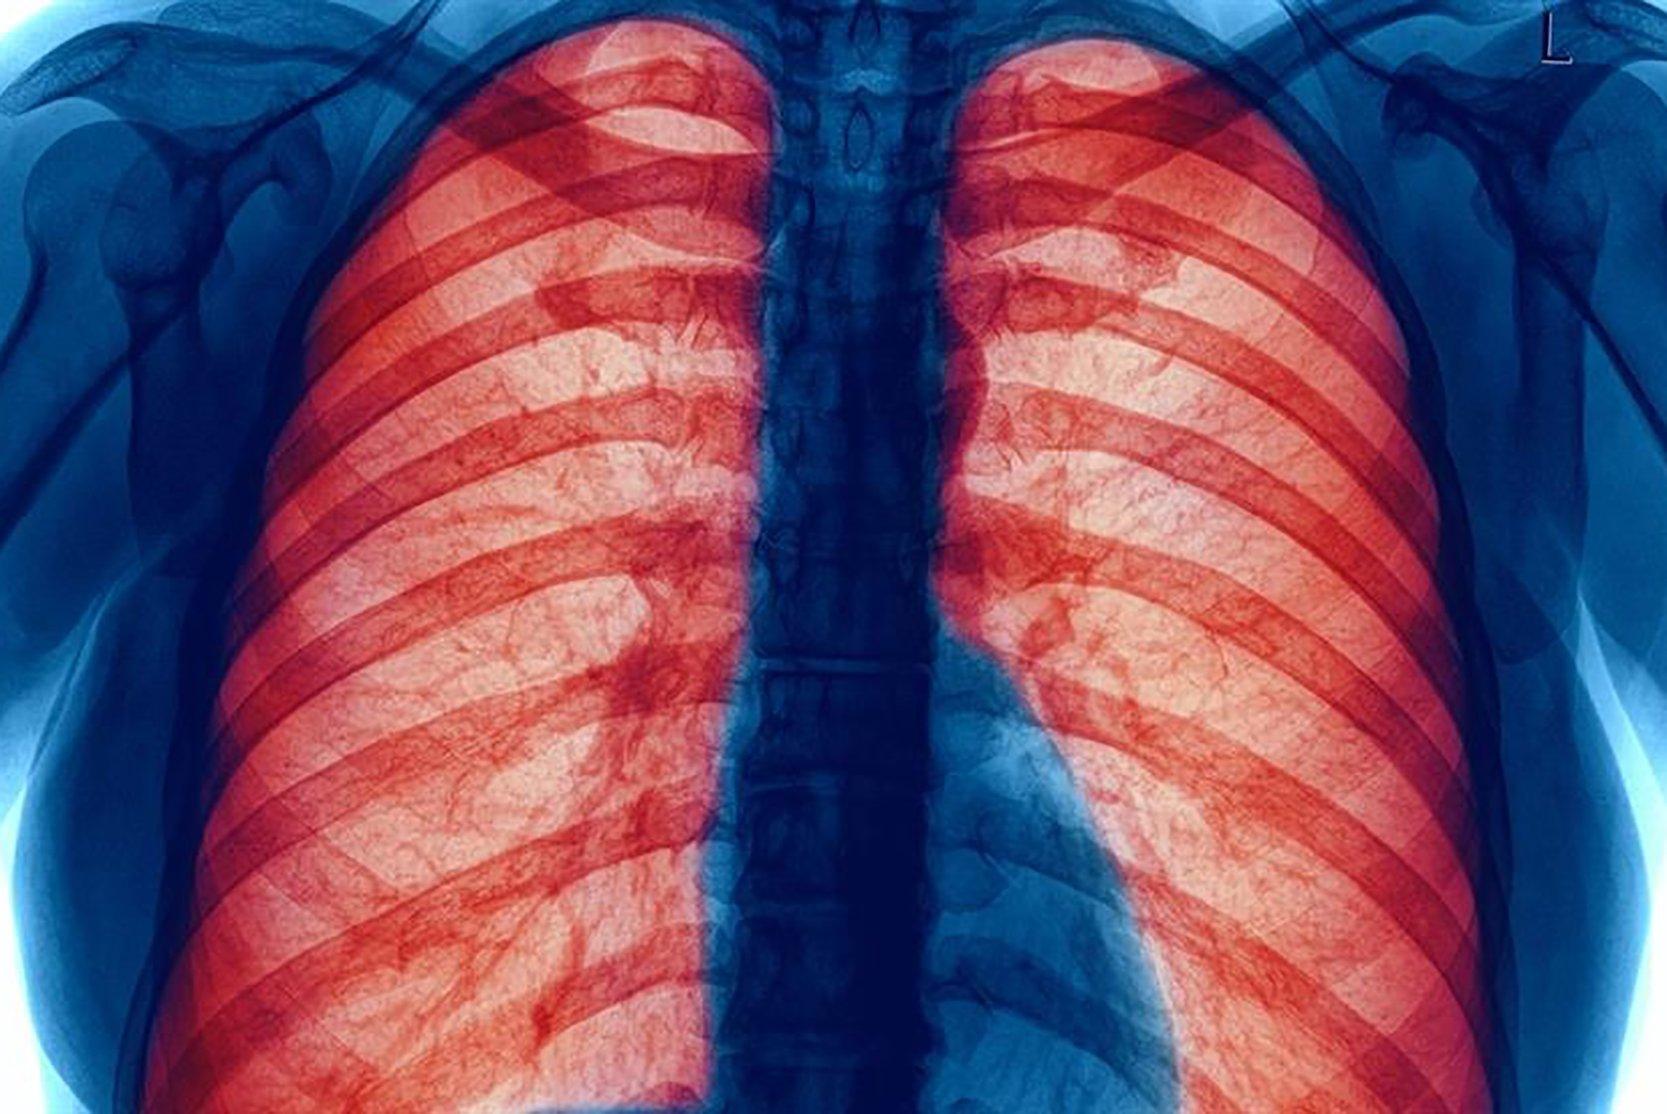 Người mắc BPTNMT cần cẩn trọng trước dịch bệnh Covid-19. Ảnh: BVĐK Tâm Anh